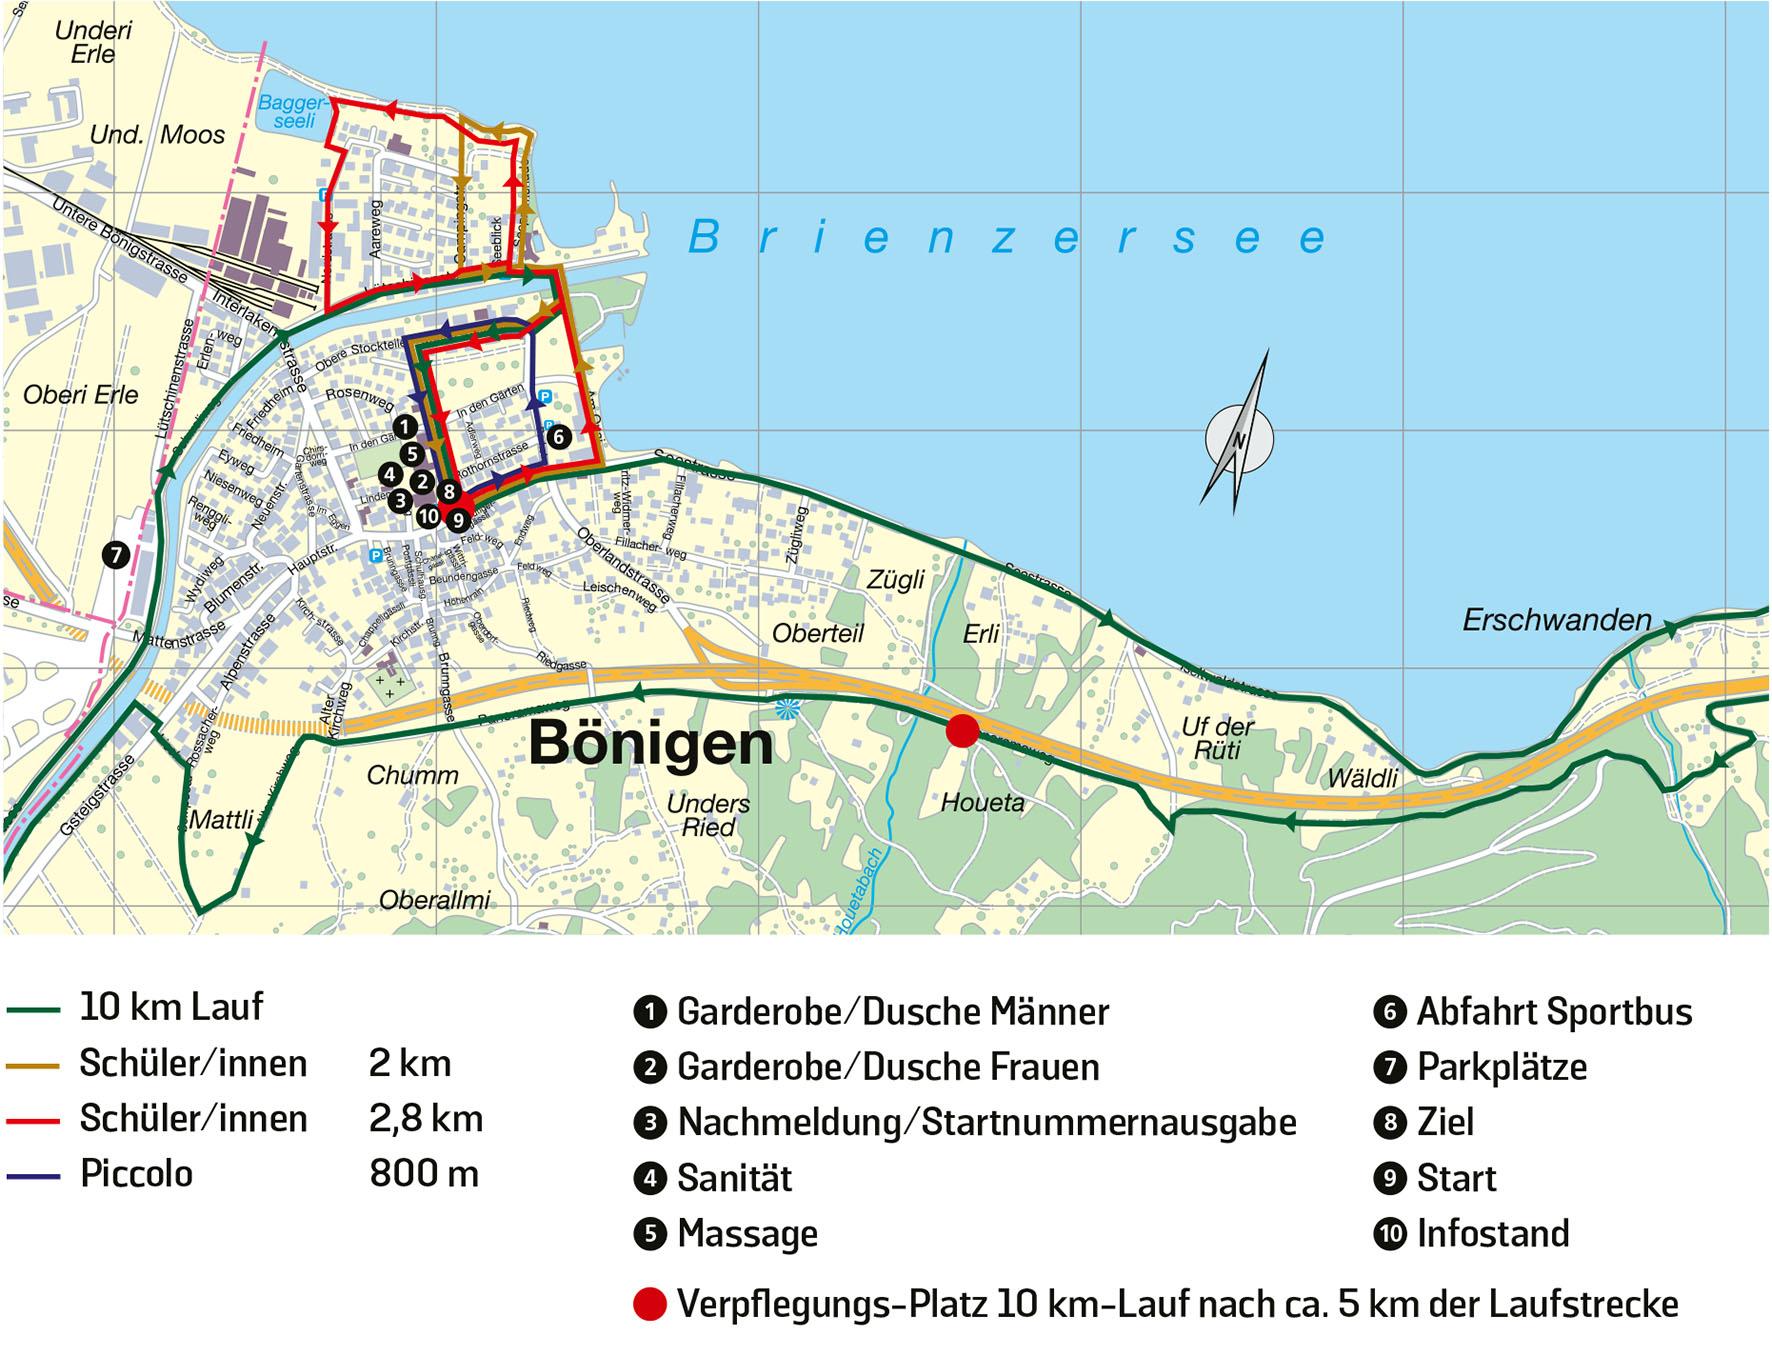 Streckenpläne Jugendläufe und 10km-Lauf